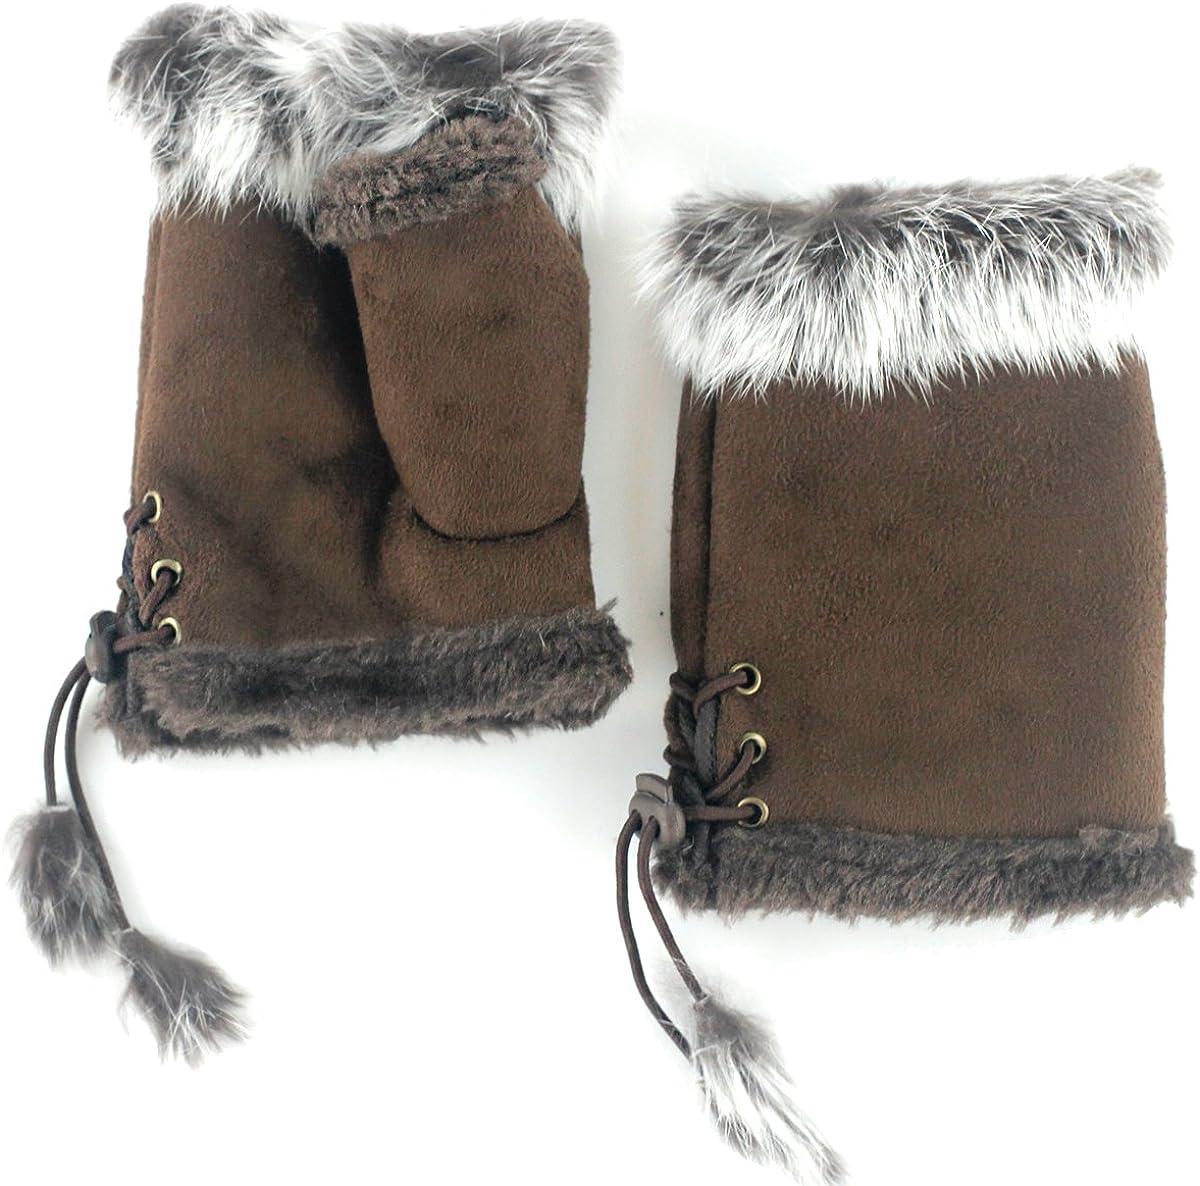 UER Women's Winter Fingerless Gloves Warm Mittens with Fur Brim